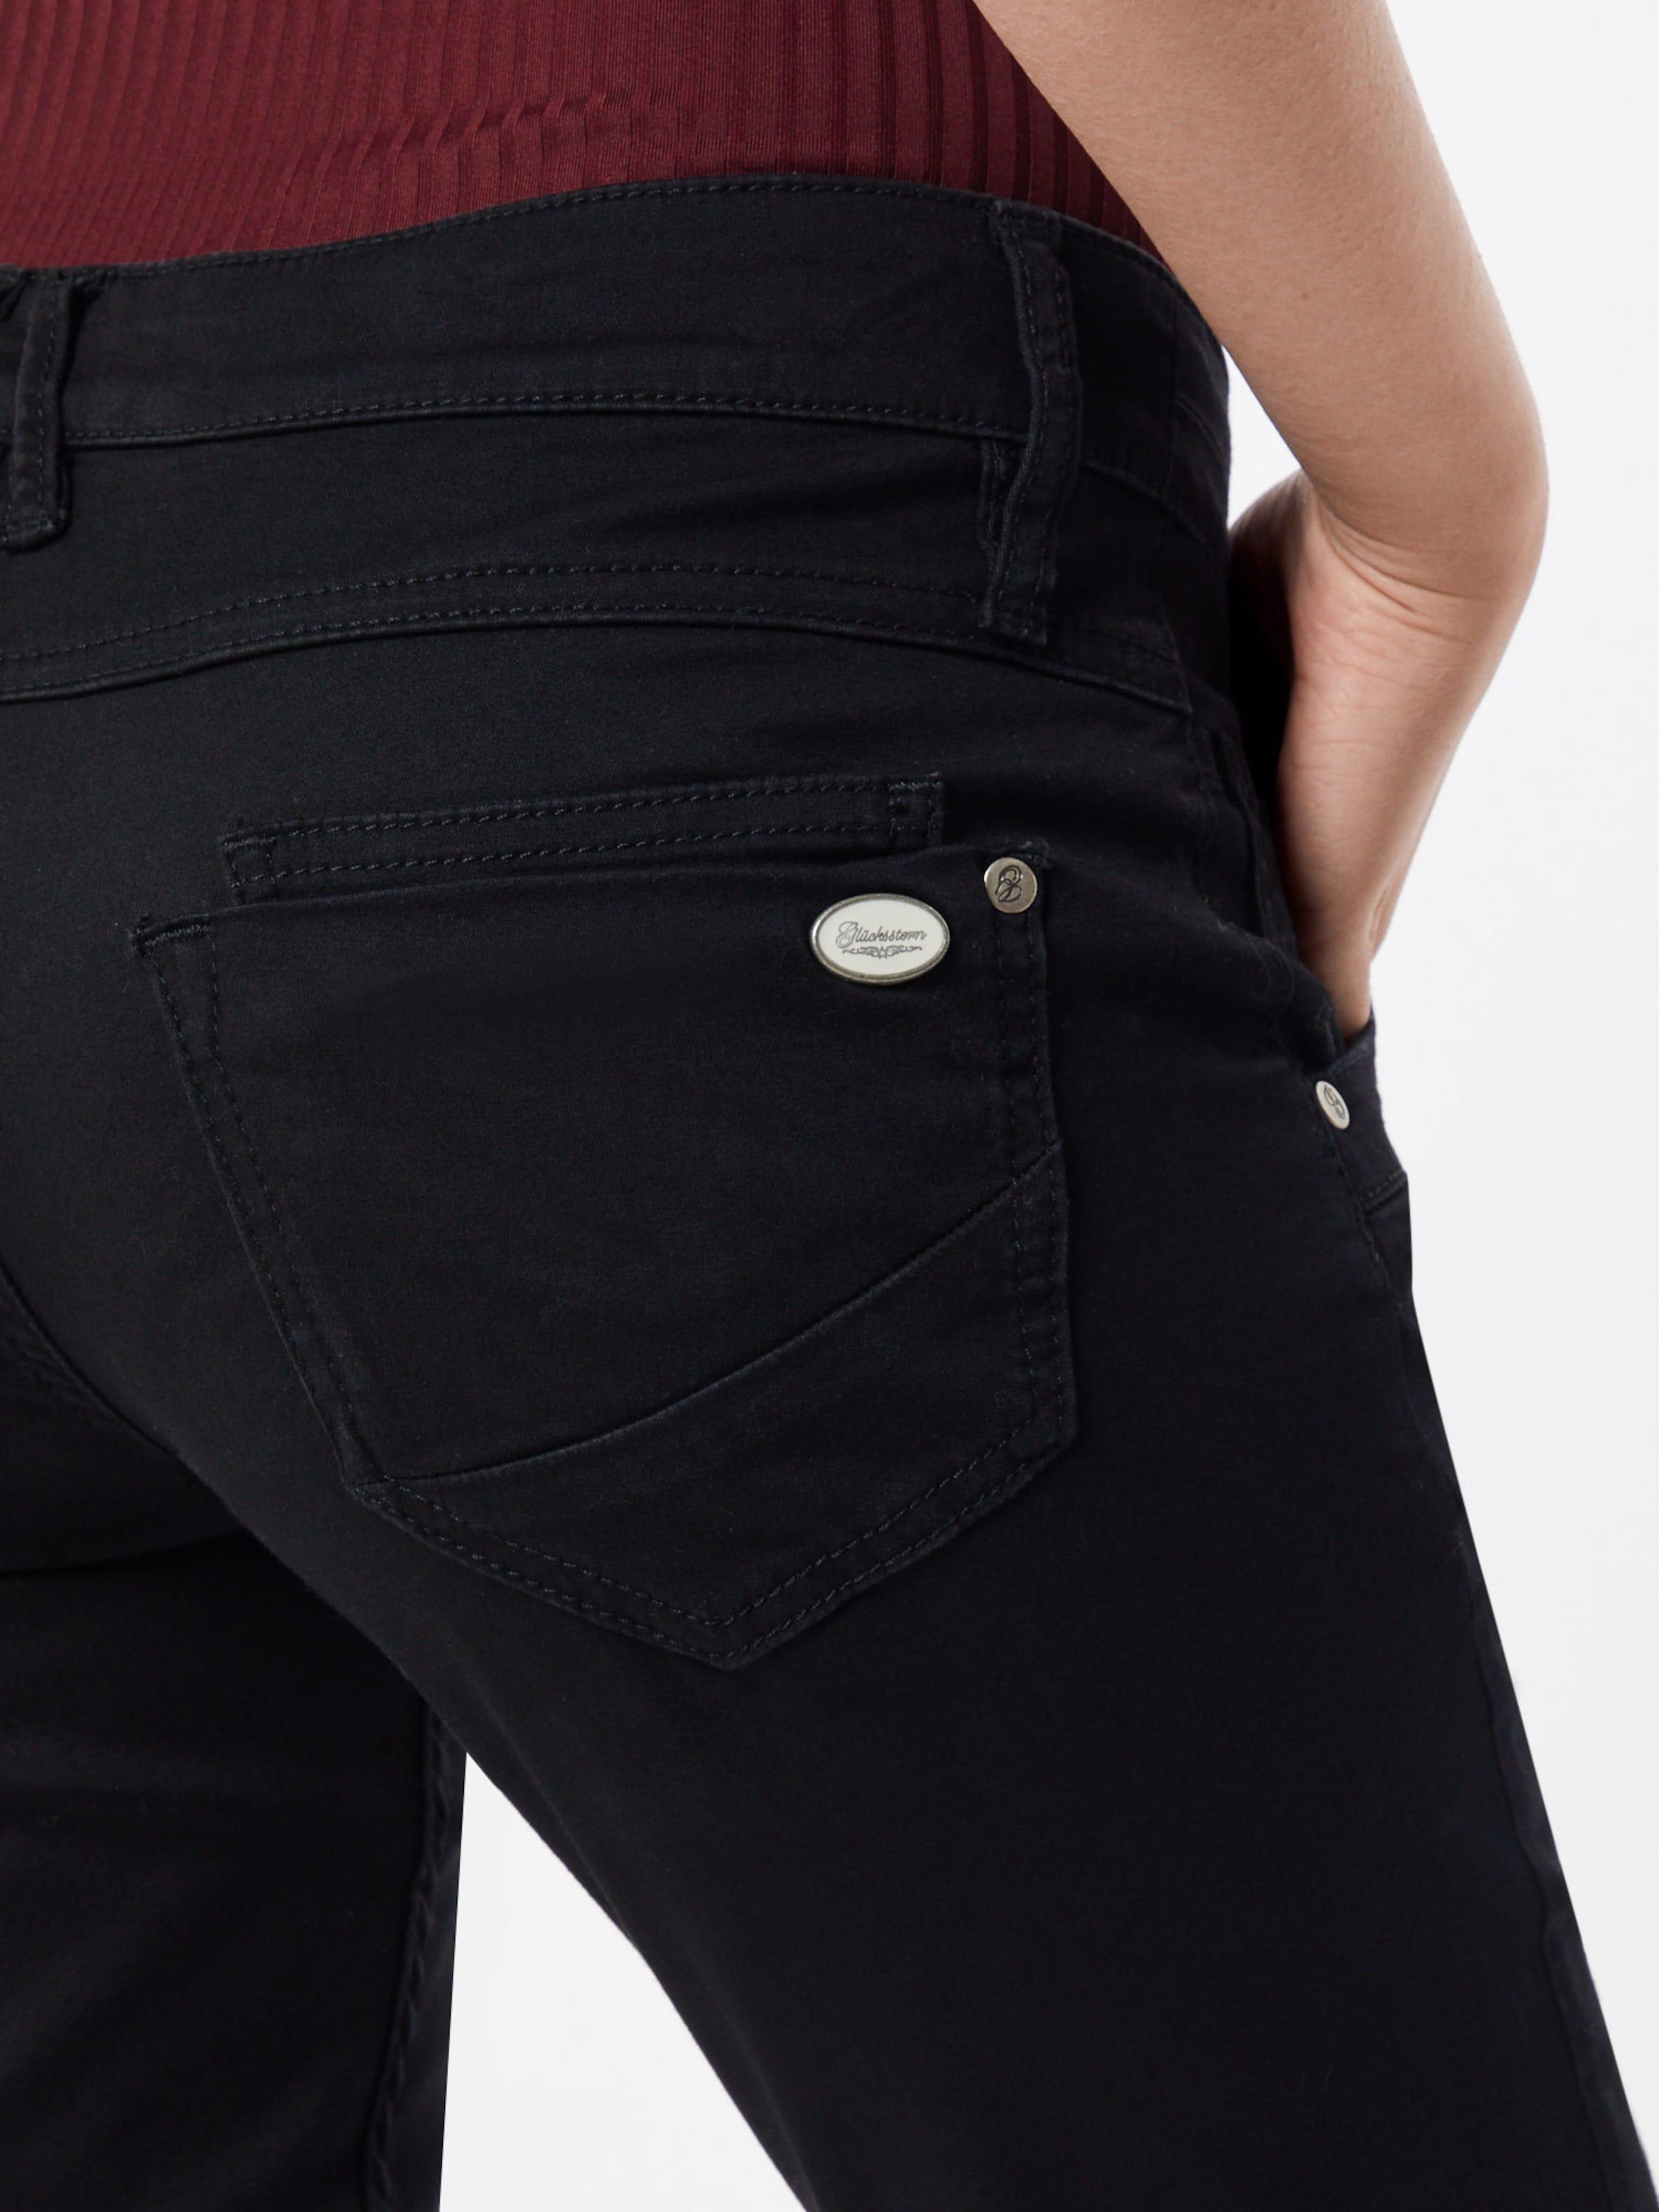 In Schwarz 'petra' Schwarz Jeans 'petra' Jeans Glücksstern In Jeans Glücksstern Glücksstern NZwP0knO8X